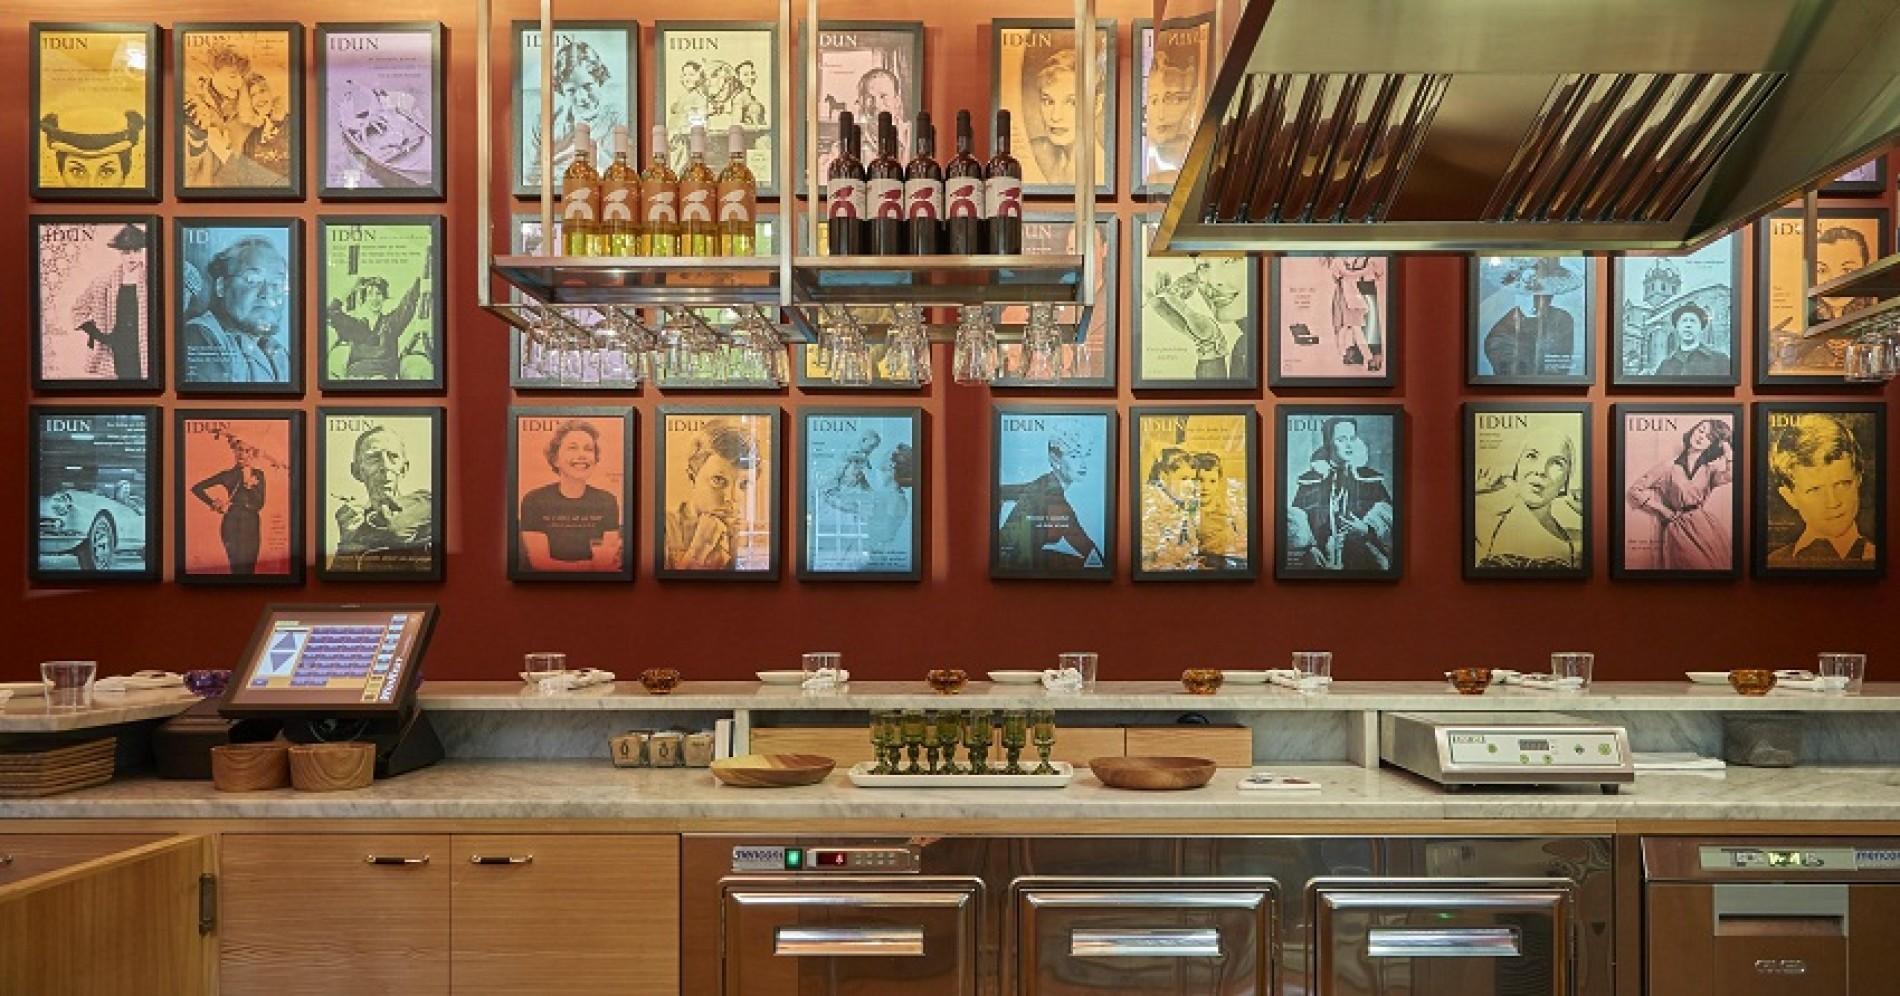 Bj rk swedish brasserie milano menu speciale per la for Settimana design milano